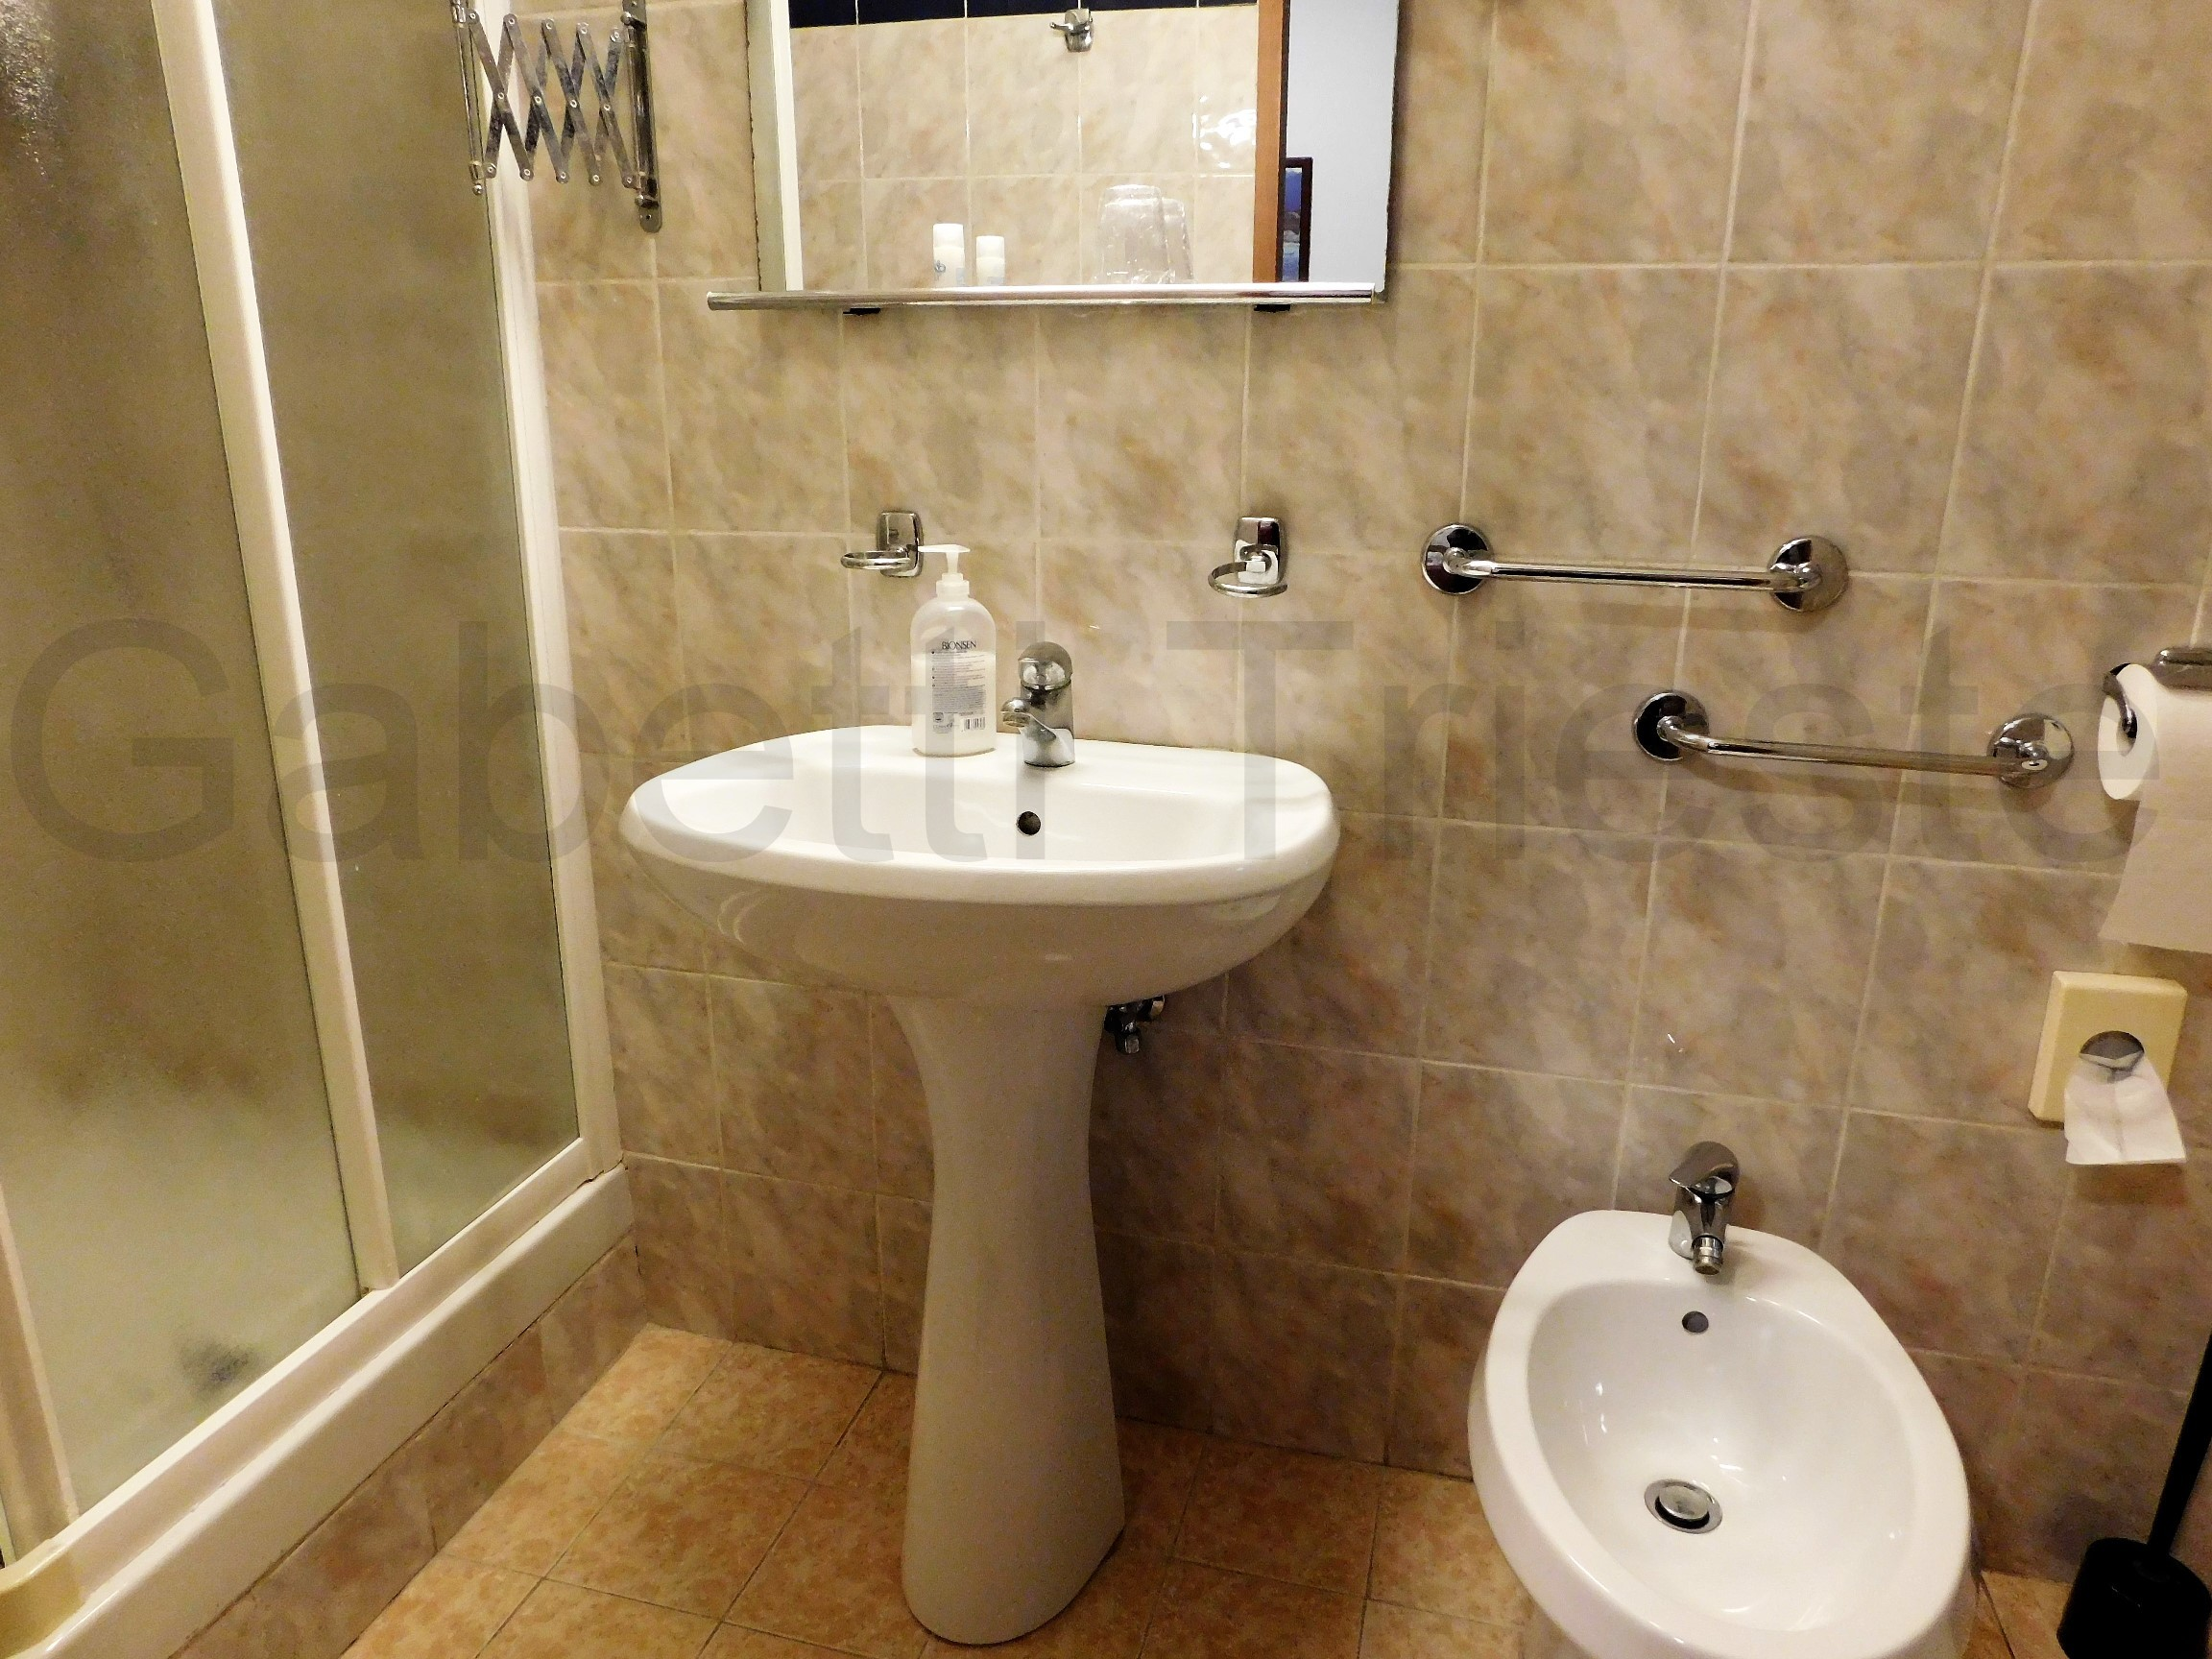 Cielo bagno il piacere del design in bagno enjoy di ceramica